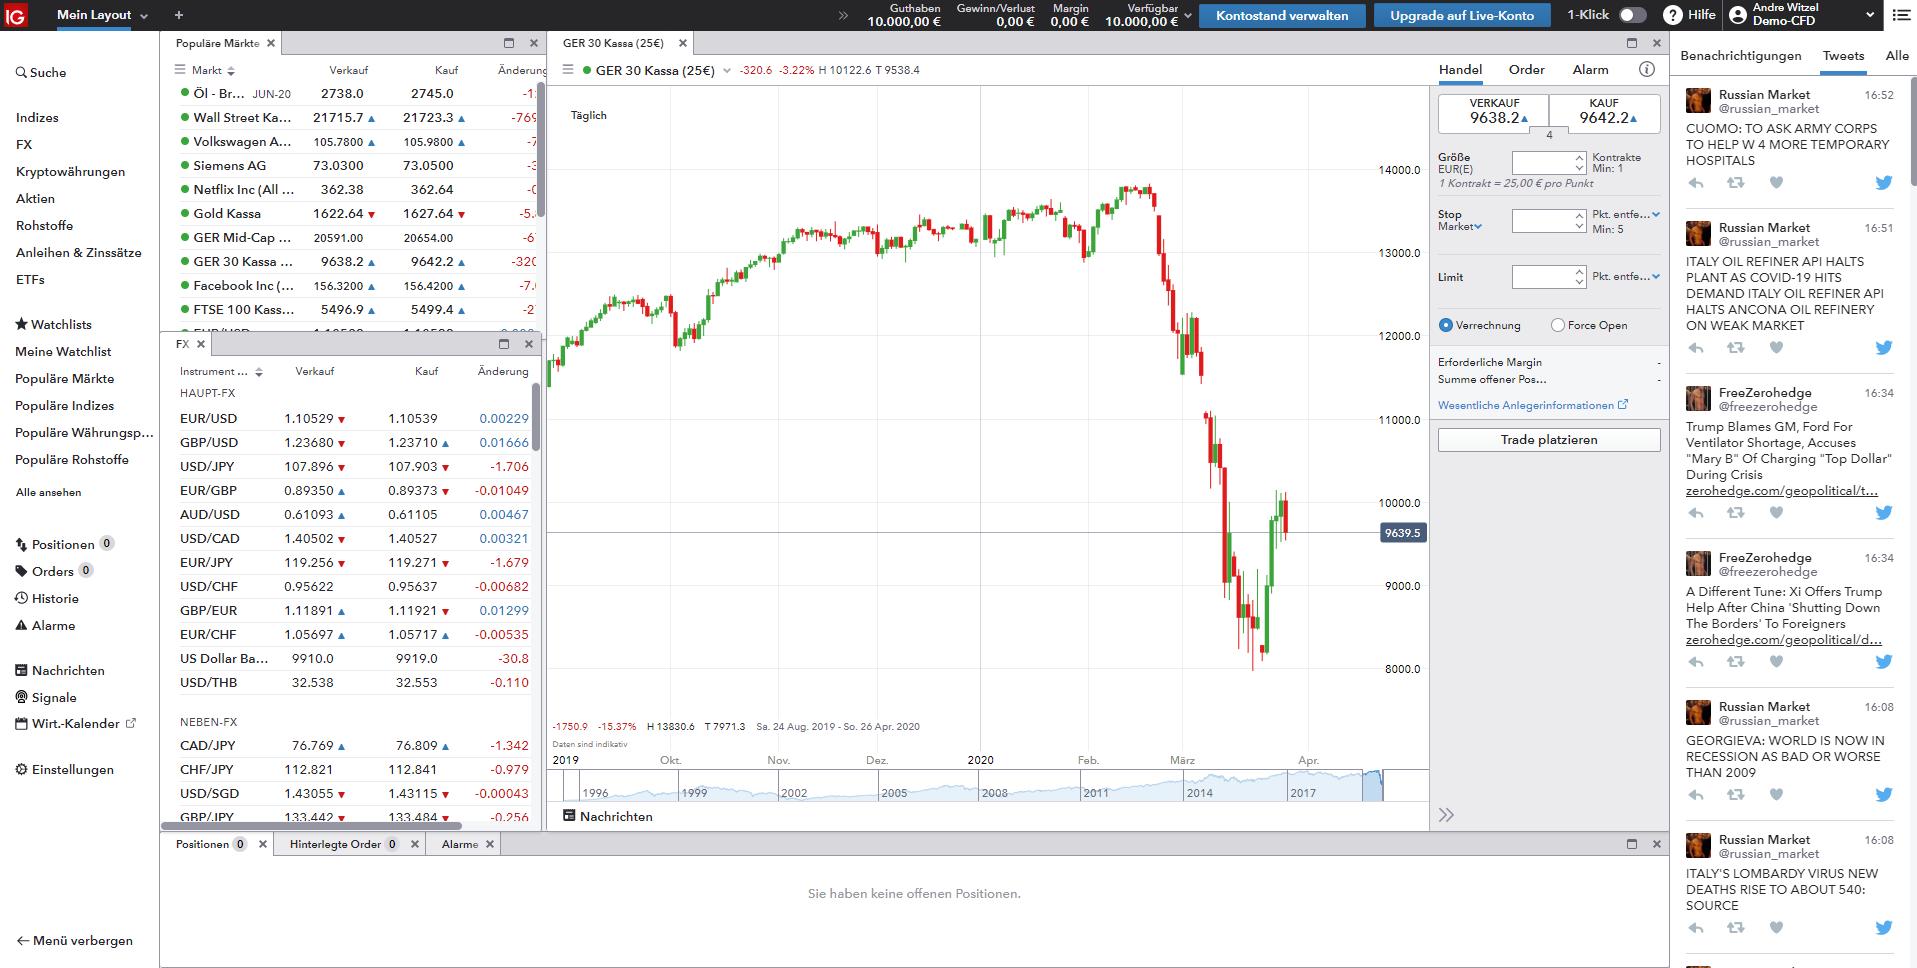 Webbasierte Handelsplattform von IG Markets